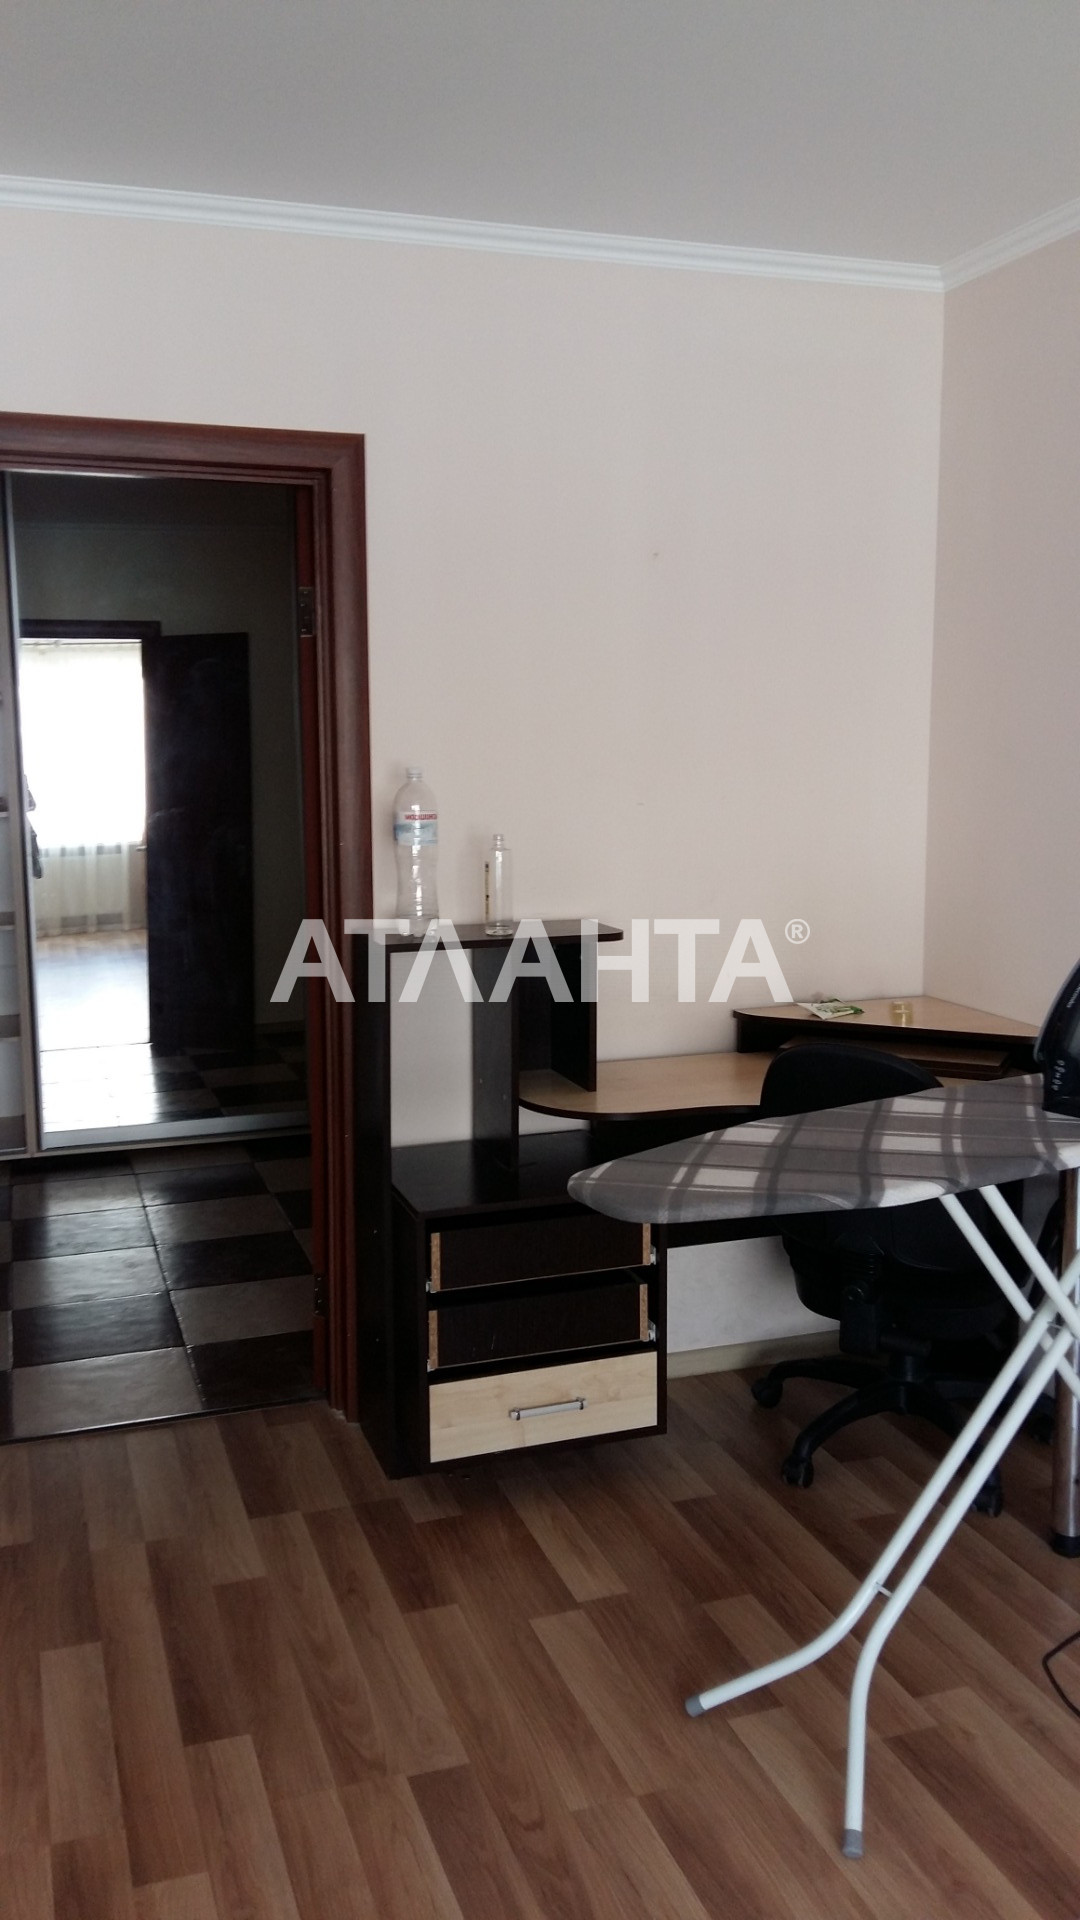 Продается 3-комнатная Квартира на ул. Пишоновская — 99 000 у.е. (фото №14)